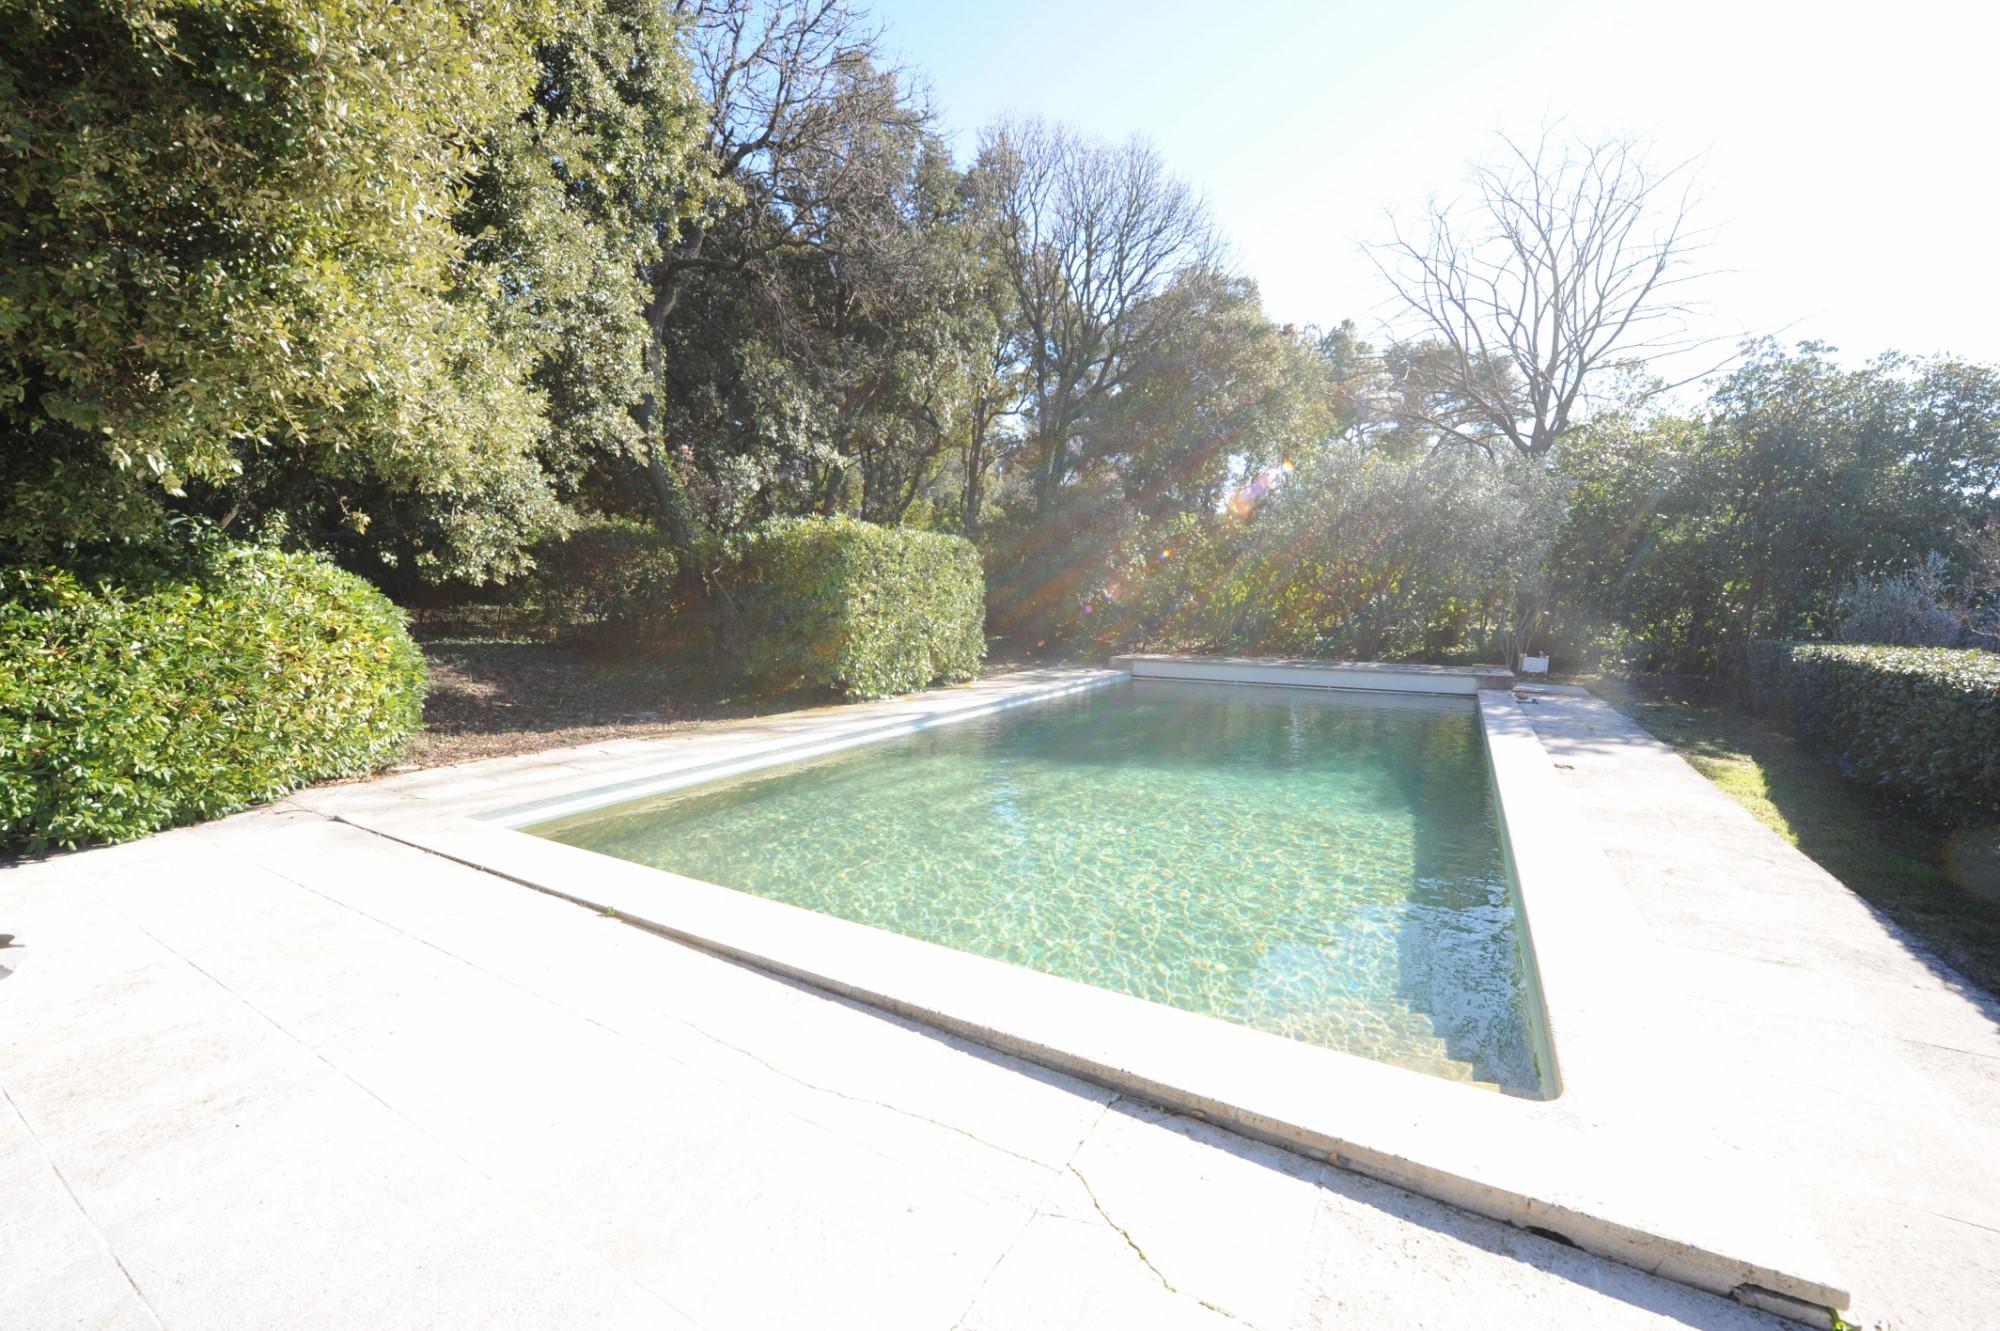 Villa avec piscine à vendre par l'Agence Rosier